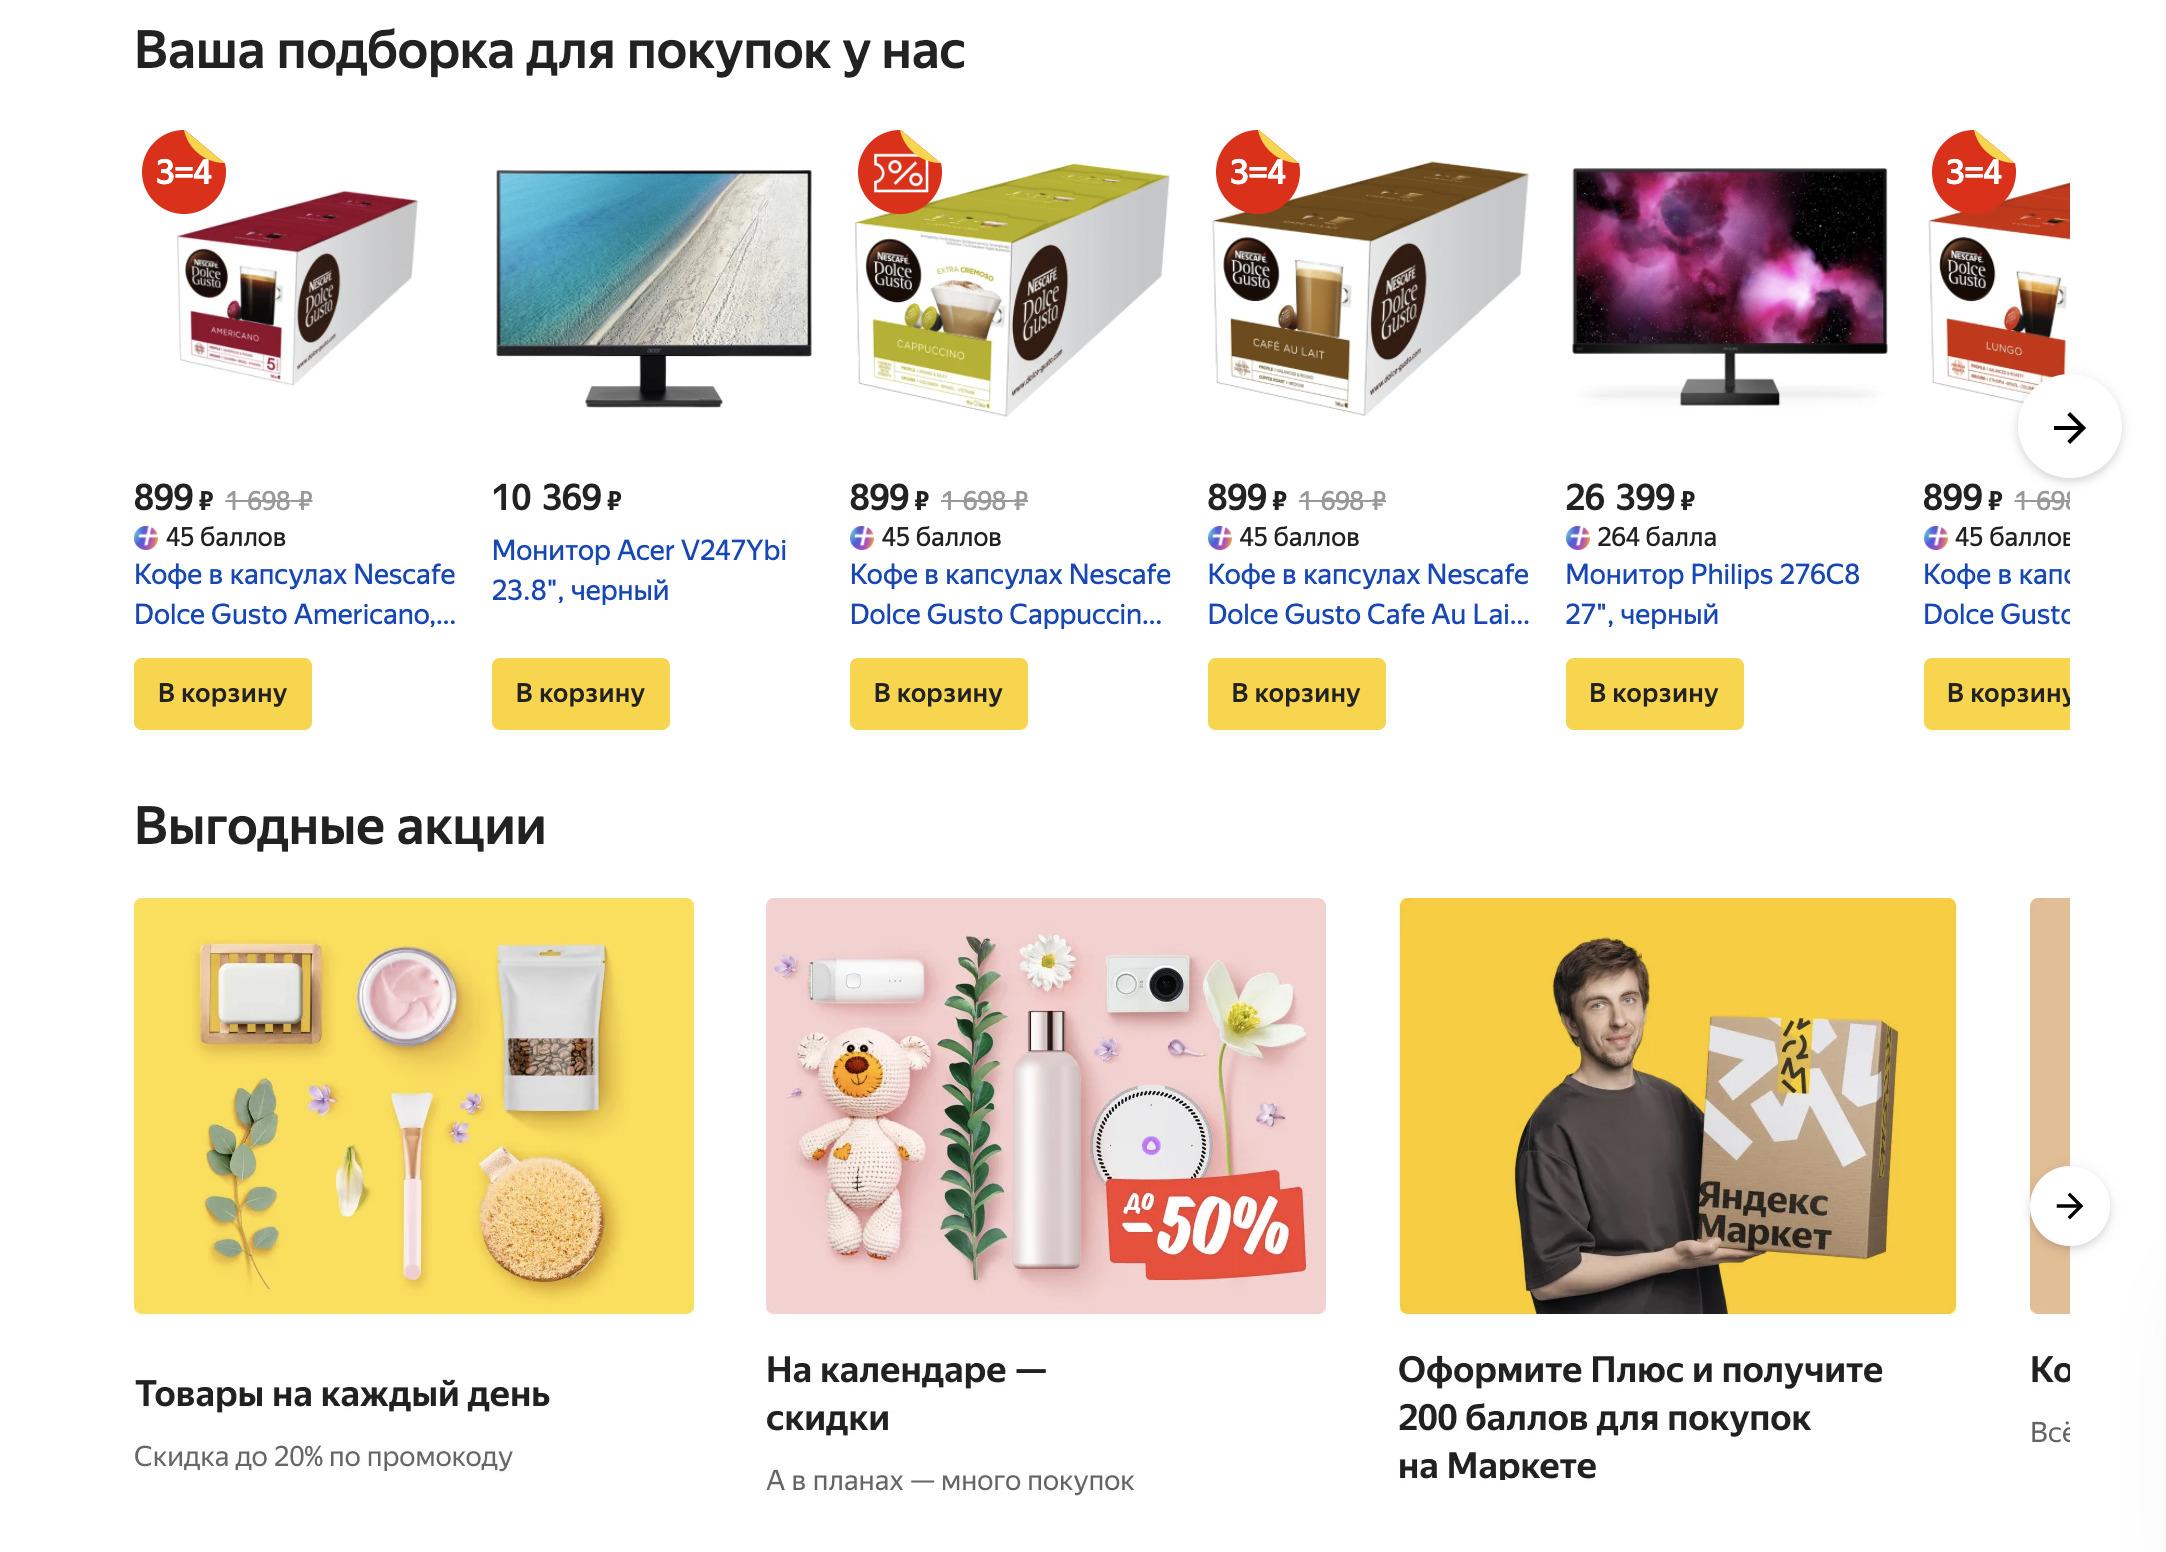 Доставка из Яндекс.Маркет в Тамбов, сроки, пункты выдачи, каталог